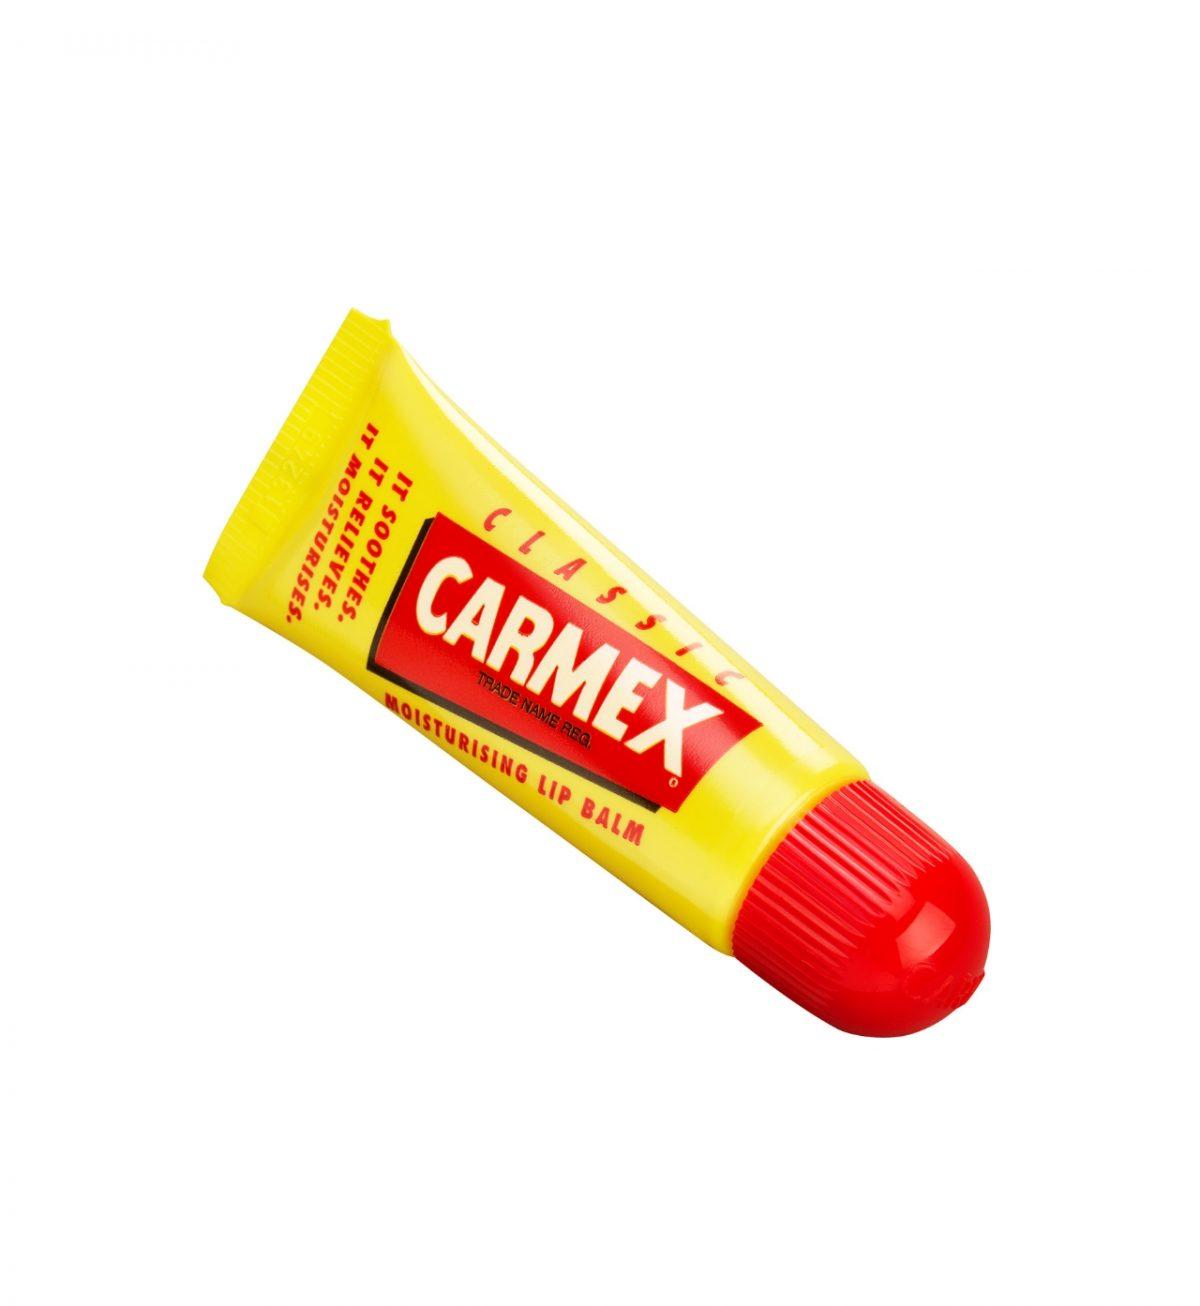 tube blister 1 stk - Carmex Leppebalsam i praktisk tube - Carmex